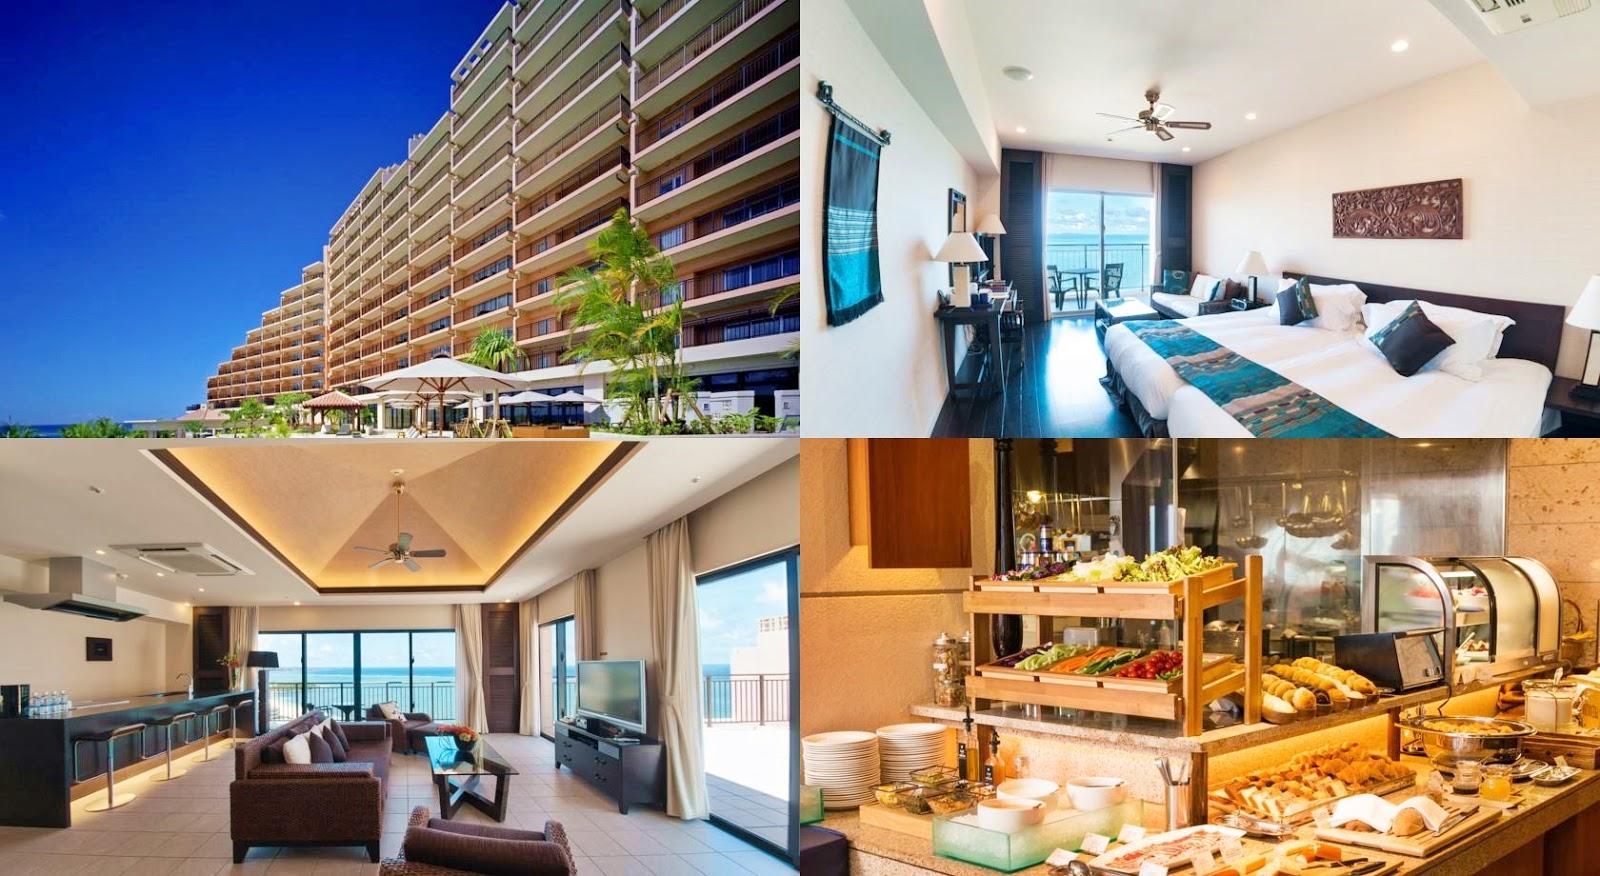 沖繩-住宿-推薦-卡夫度假富著公寓酒店-Kafuu-Resort-Fuchaku-Condo-Okinawa-hotel-recommendation